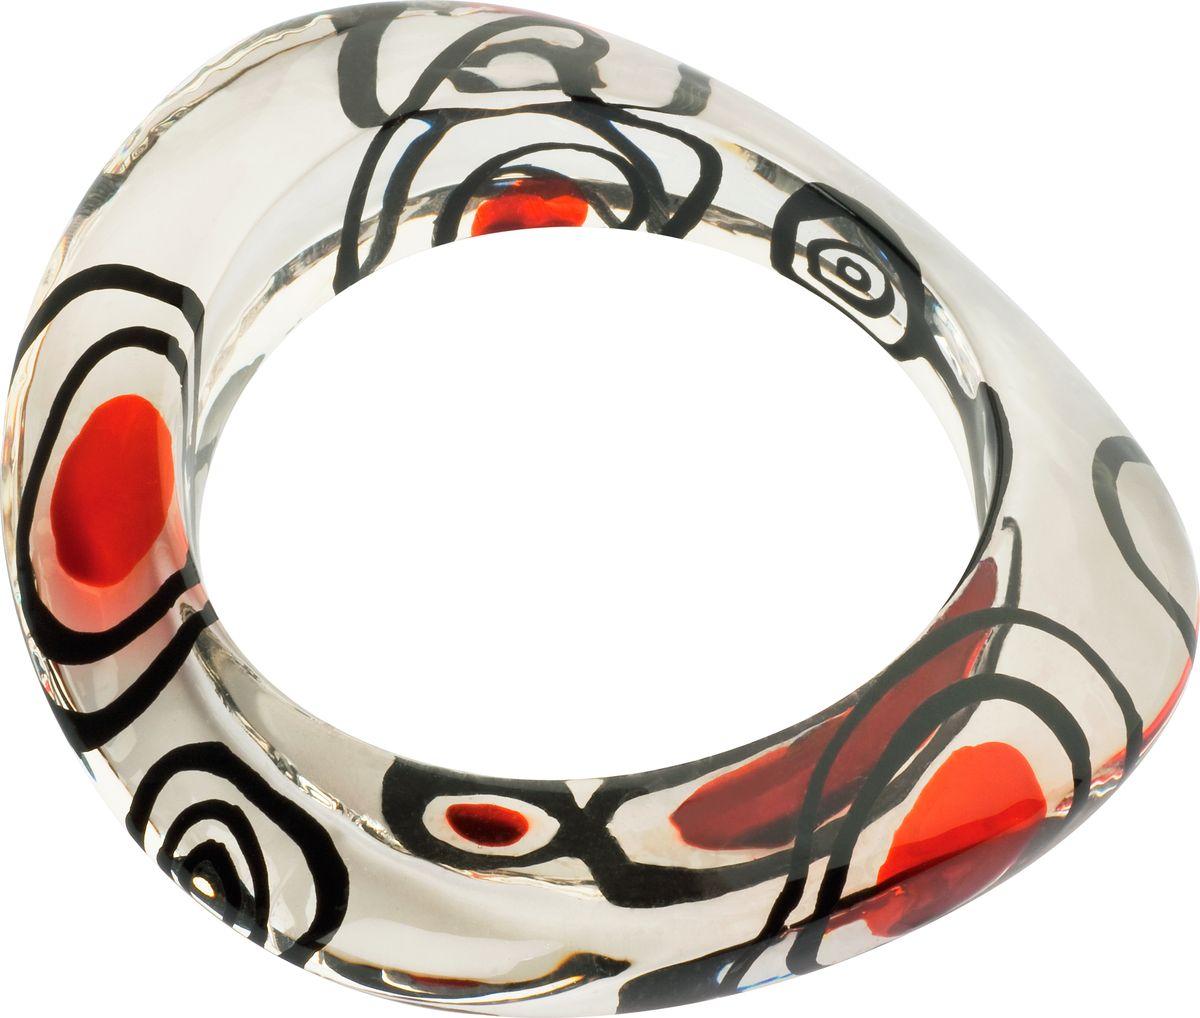 Браслет Lalo Treasures, цвет: прозрачный, красный. B2448/1sB2448/1sОригинальный браслет Lalo Treasures выполнен из ювелирной смолы и металлического сплава.Браслет состоит из одного декоративного элемента неправильной формы. Стильное украшение поможет дополнить любой образ и привнести в него завершающий яркий штрих.